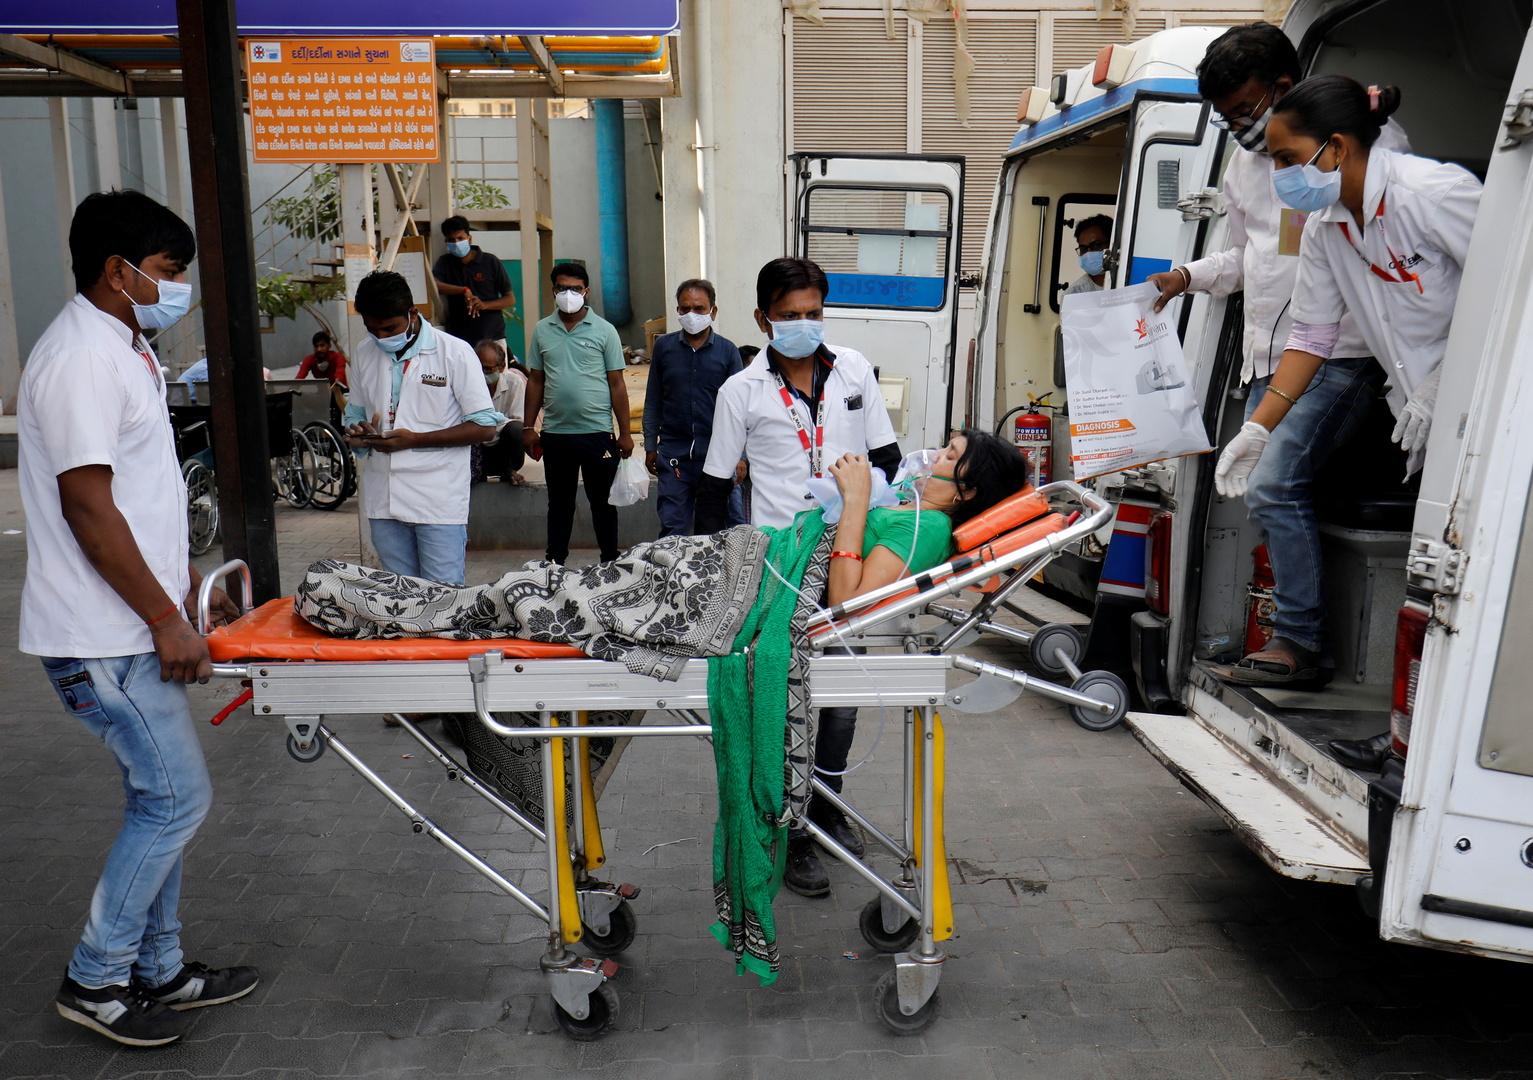 مسؤول حكومي: وفاة 22 مريضا بكورونا في مستشفى بالهند بسبب نفاذ الأكسجين